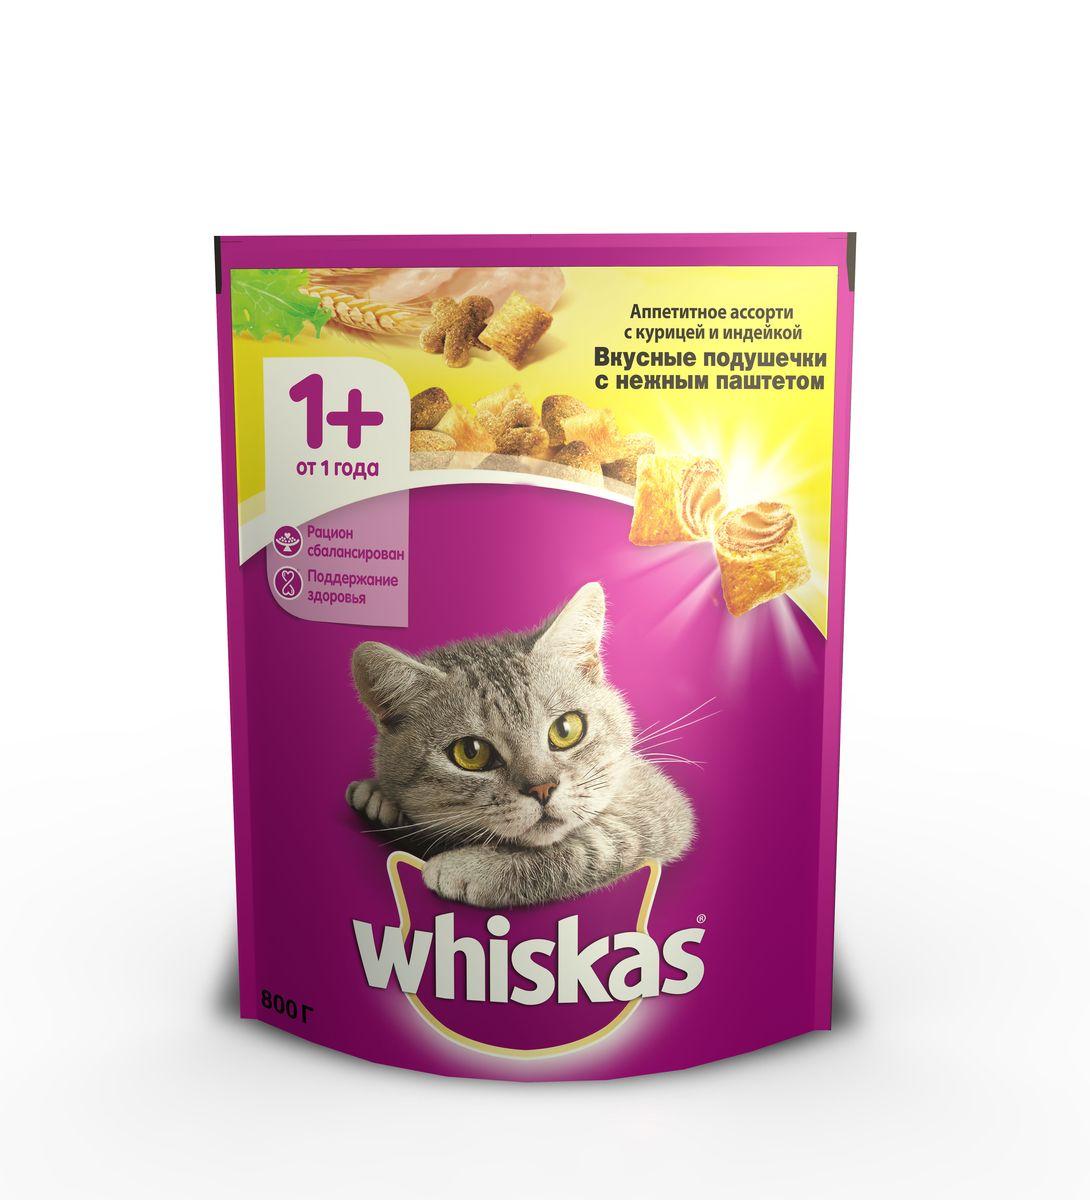 Корм сухой Whiskas для взрослых кошек, подушечки с паштетом с курицей и индейкой, 800 г41358Корм сухой Whiskas - это полнорационный сухой корм для взрослых кошек от 1 года. Вашей кошке обязательно понравятся вкусные подушечки с аппетитной хрустящей корочкой снаружи и нежным паштетом внутри. В составе корма есть все, чтобы позаботиться о вашей любимице, ведь ее рацион должен быть не только вкусным, но и тщательно сбалансированным. В корме в правильных пропорциях собраны все необходимые витамины и минералы, белки, жиры и углеводы, чтобы поддержать ее здоровье. Особенности: - Оптимальное соотношение питательных веществ и нутриентов для поддержания обмена веществ; - Витамин Е и цинк для иммунитета; - Омега-6 и цинк для здоровья кожи и шерсти; - Баланс кальция и фосфора для здоровья костей; - Витамин А и таурин для хорошего зрения; - Высокоусвояемые ингредиенты и клетчатка для пищеварения; - Сухая текстура корма для удаления зубного налета. Состав: пшеничная мука, мука из птицы (курицы и индейки не...